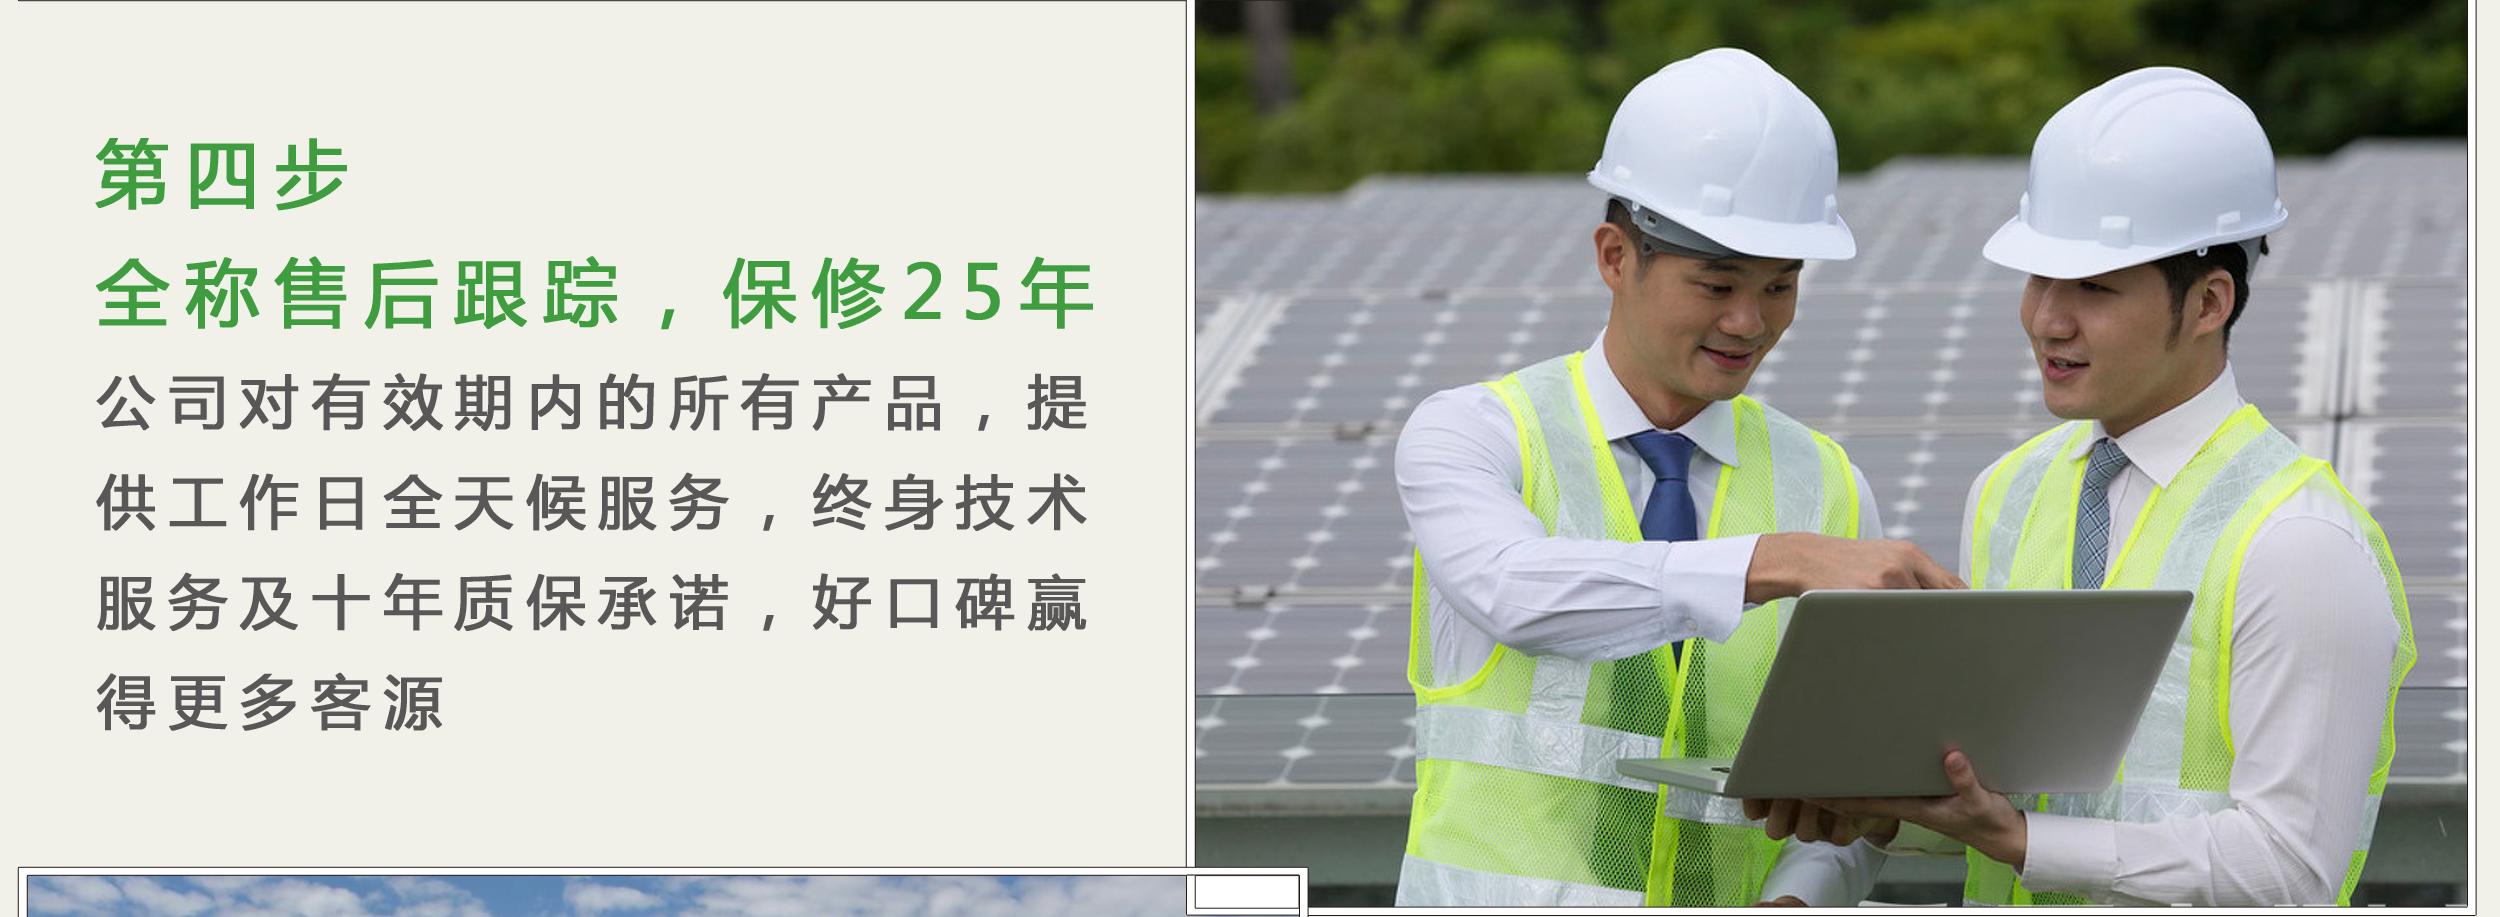 太阳能光伏发电,户用光伏电站建设